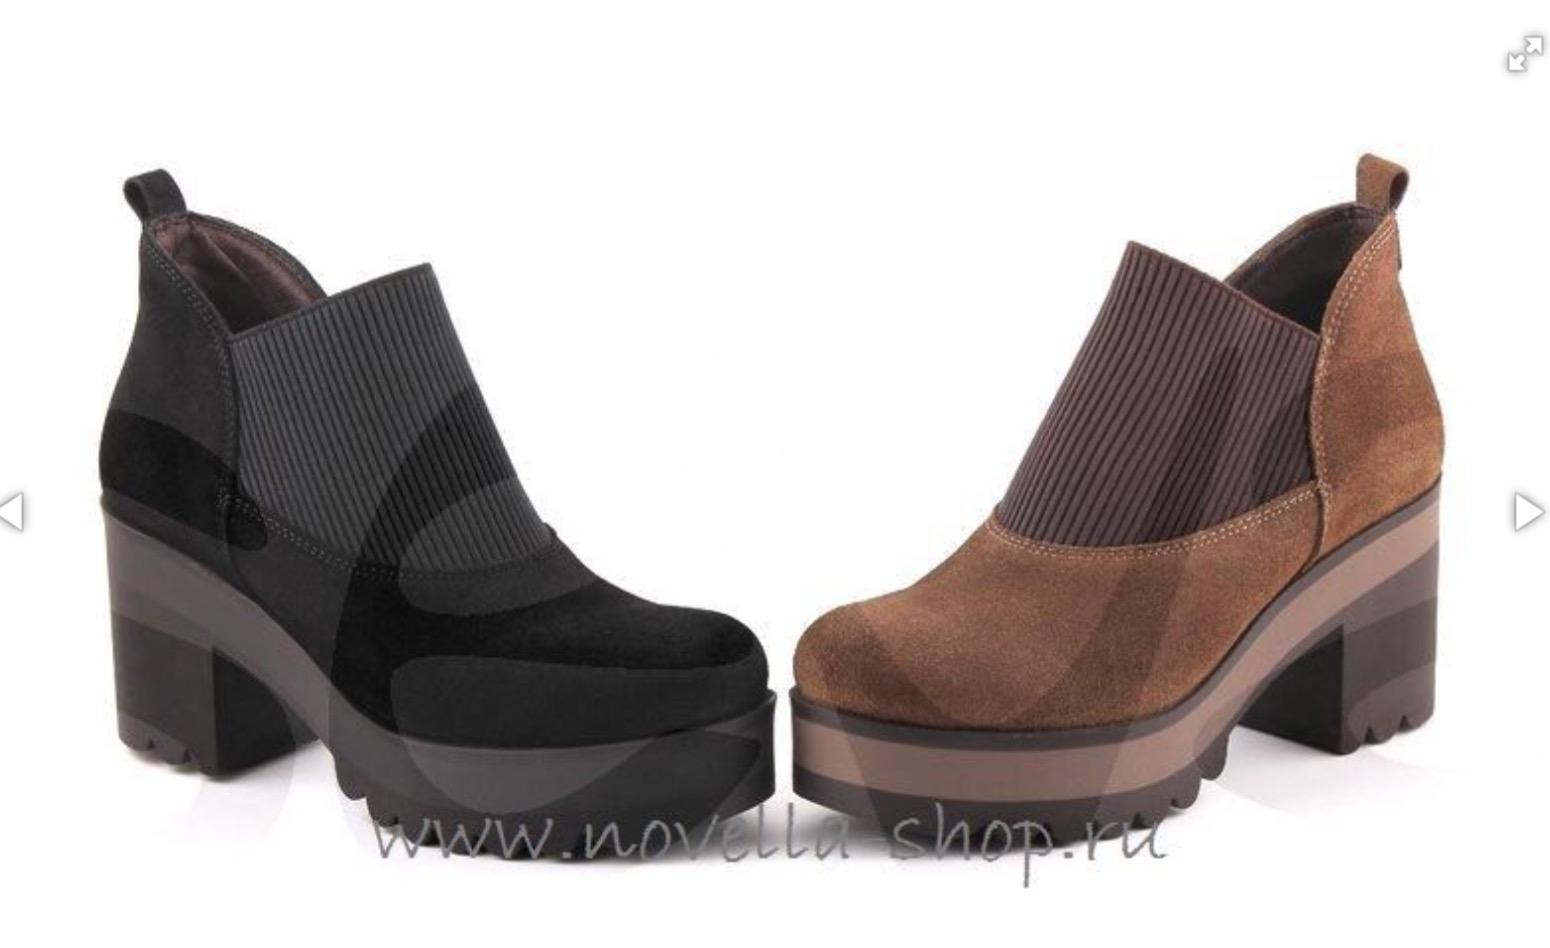 Пристрою ботинки женские размер 40(40,5)